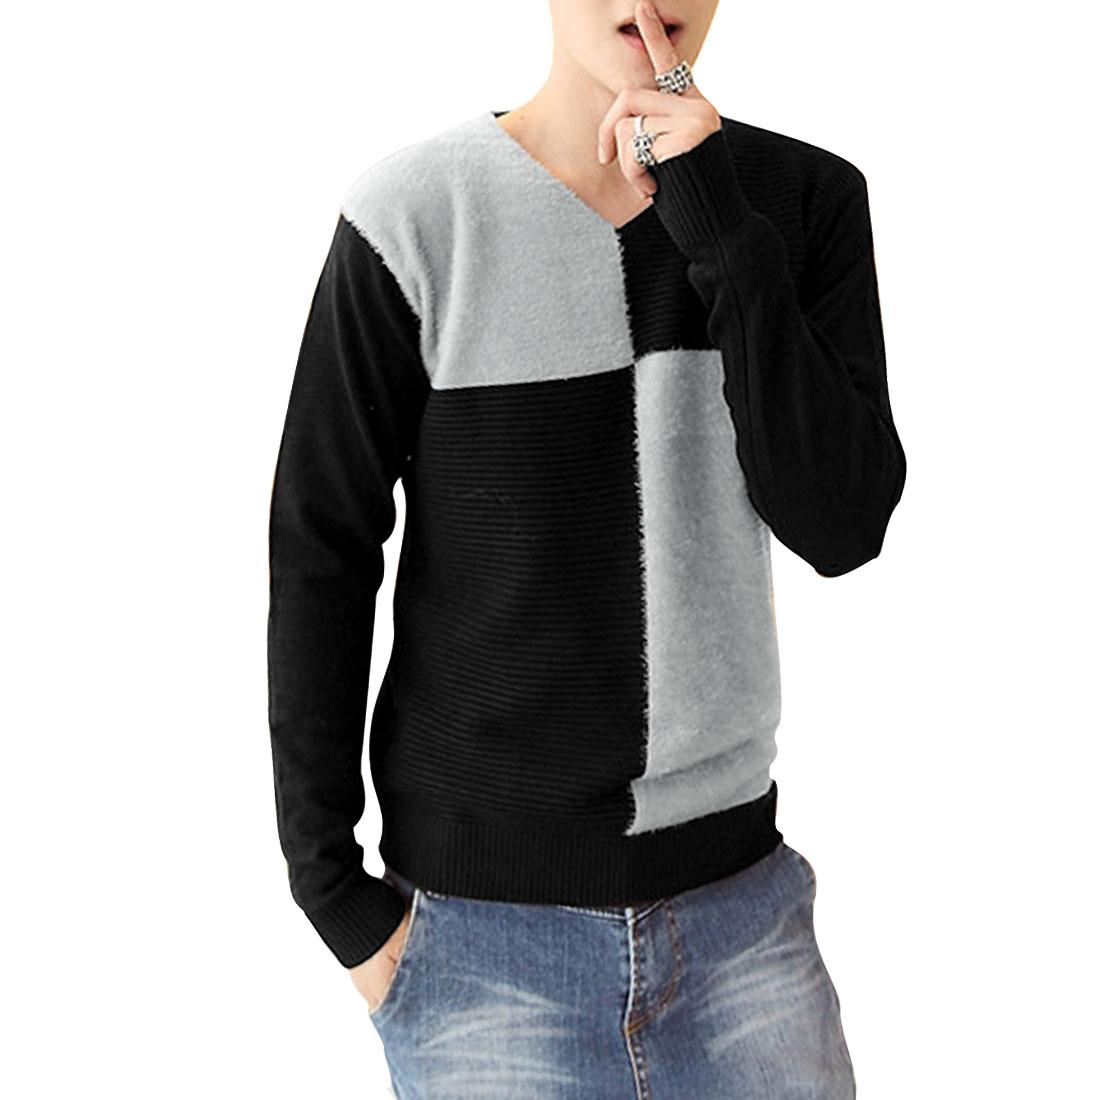 Man V Neck Long Sleeve Elastic Pullover Light Gray Black Sweater S